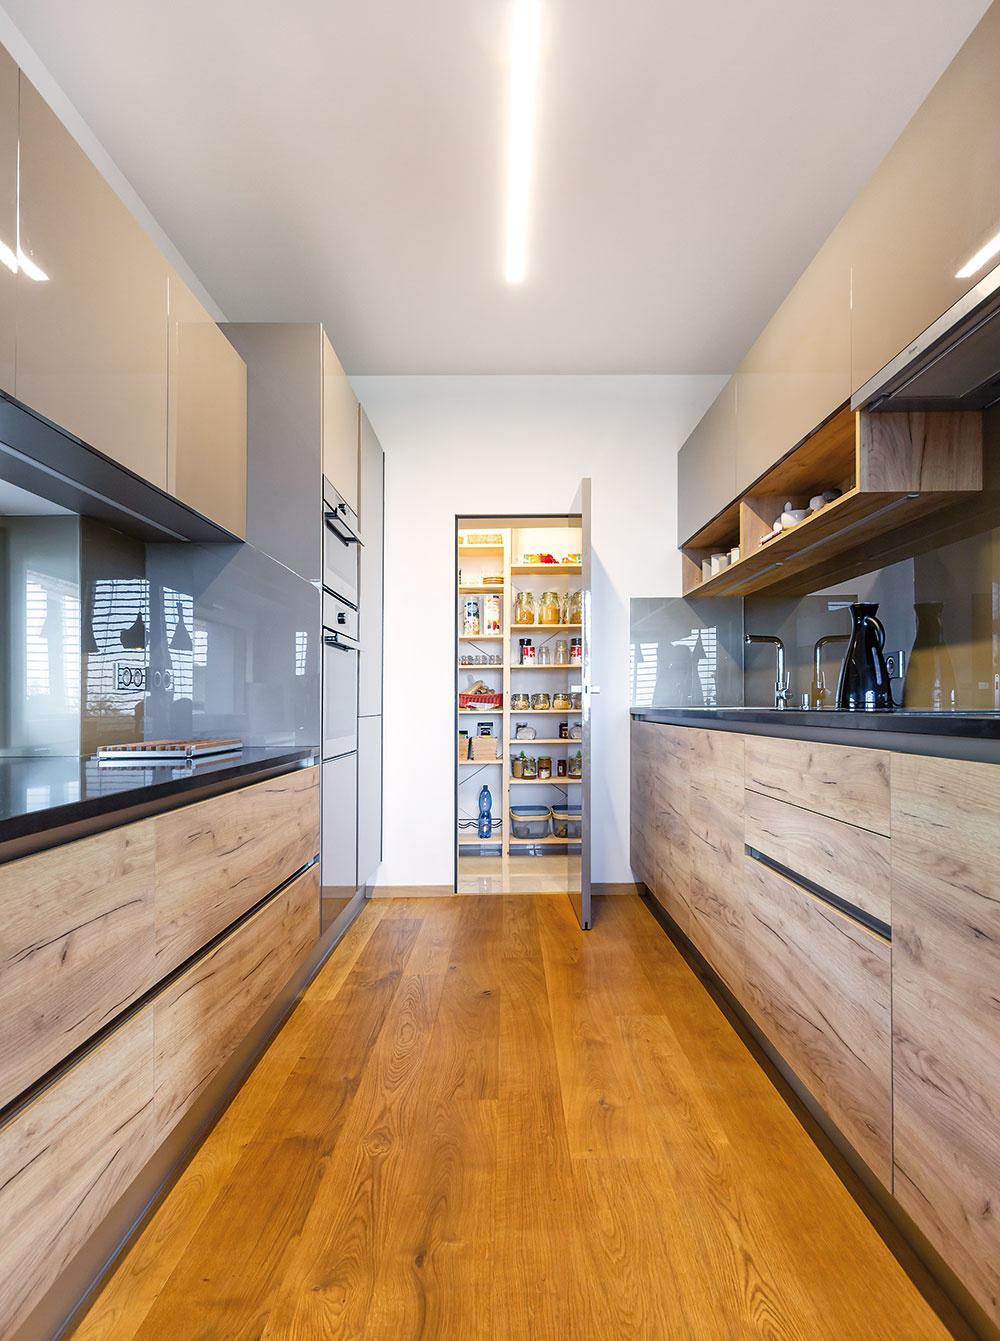 """SÚČASŤOU KUCHYNE je aj špajza sprehľadným dreveným policovým systémom, ktorá slúži nielen na uskladnenie potravín, ale aj na """"ukrytie"""" bežného drobného neporiadku, ktorý tak často """"zdobí"""" nejednu štýlovú kuchynskú linku."""